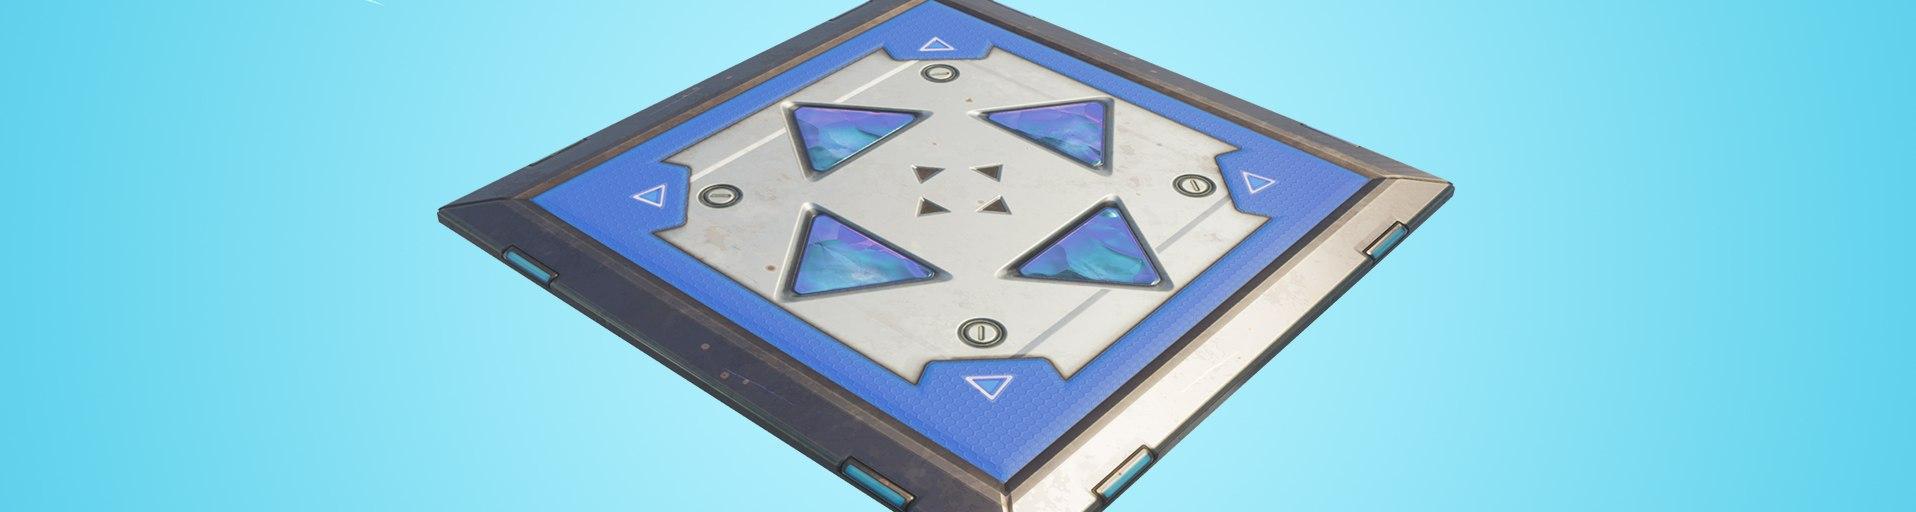 Fortnite Bouncer Trap - Verwendung des Jump Pad Fortnite Battle Royale